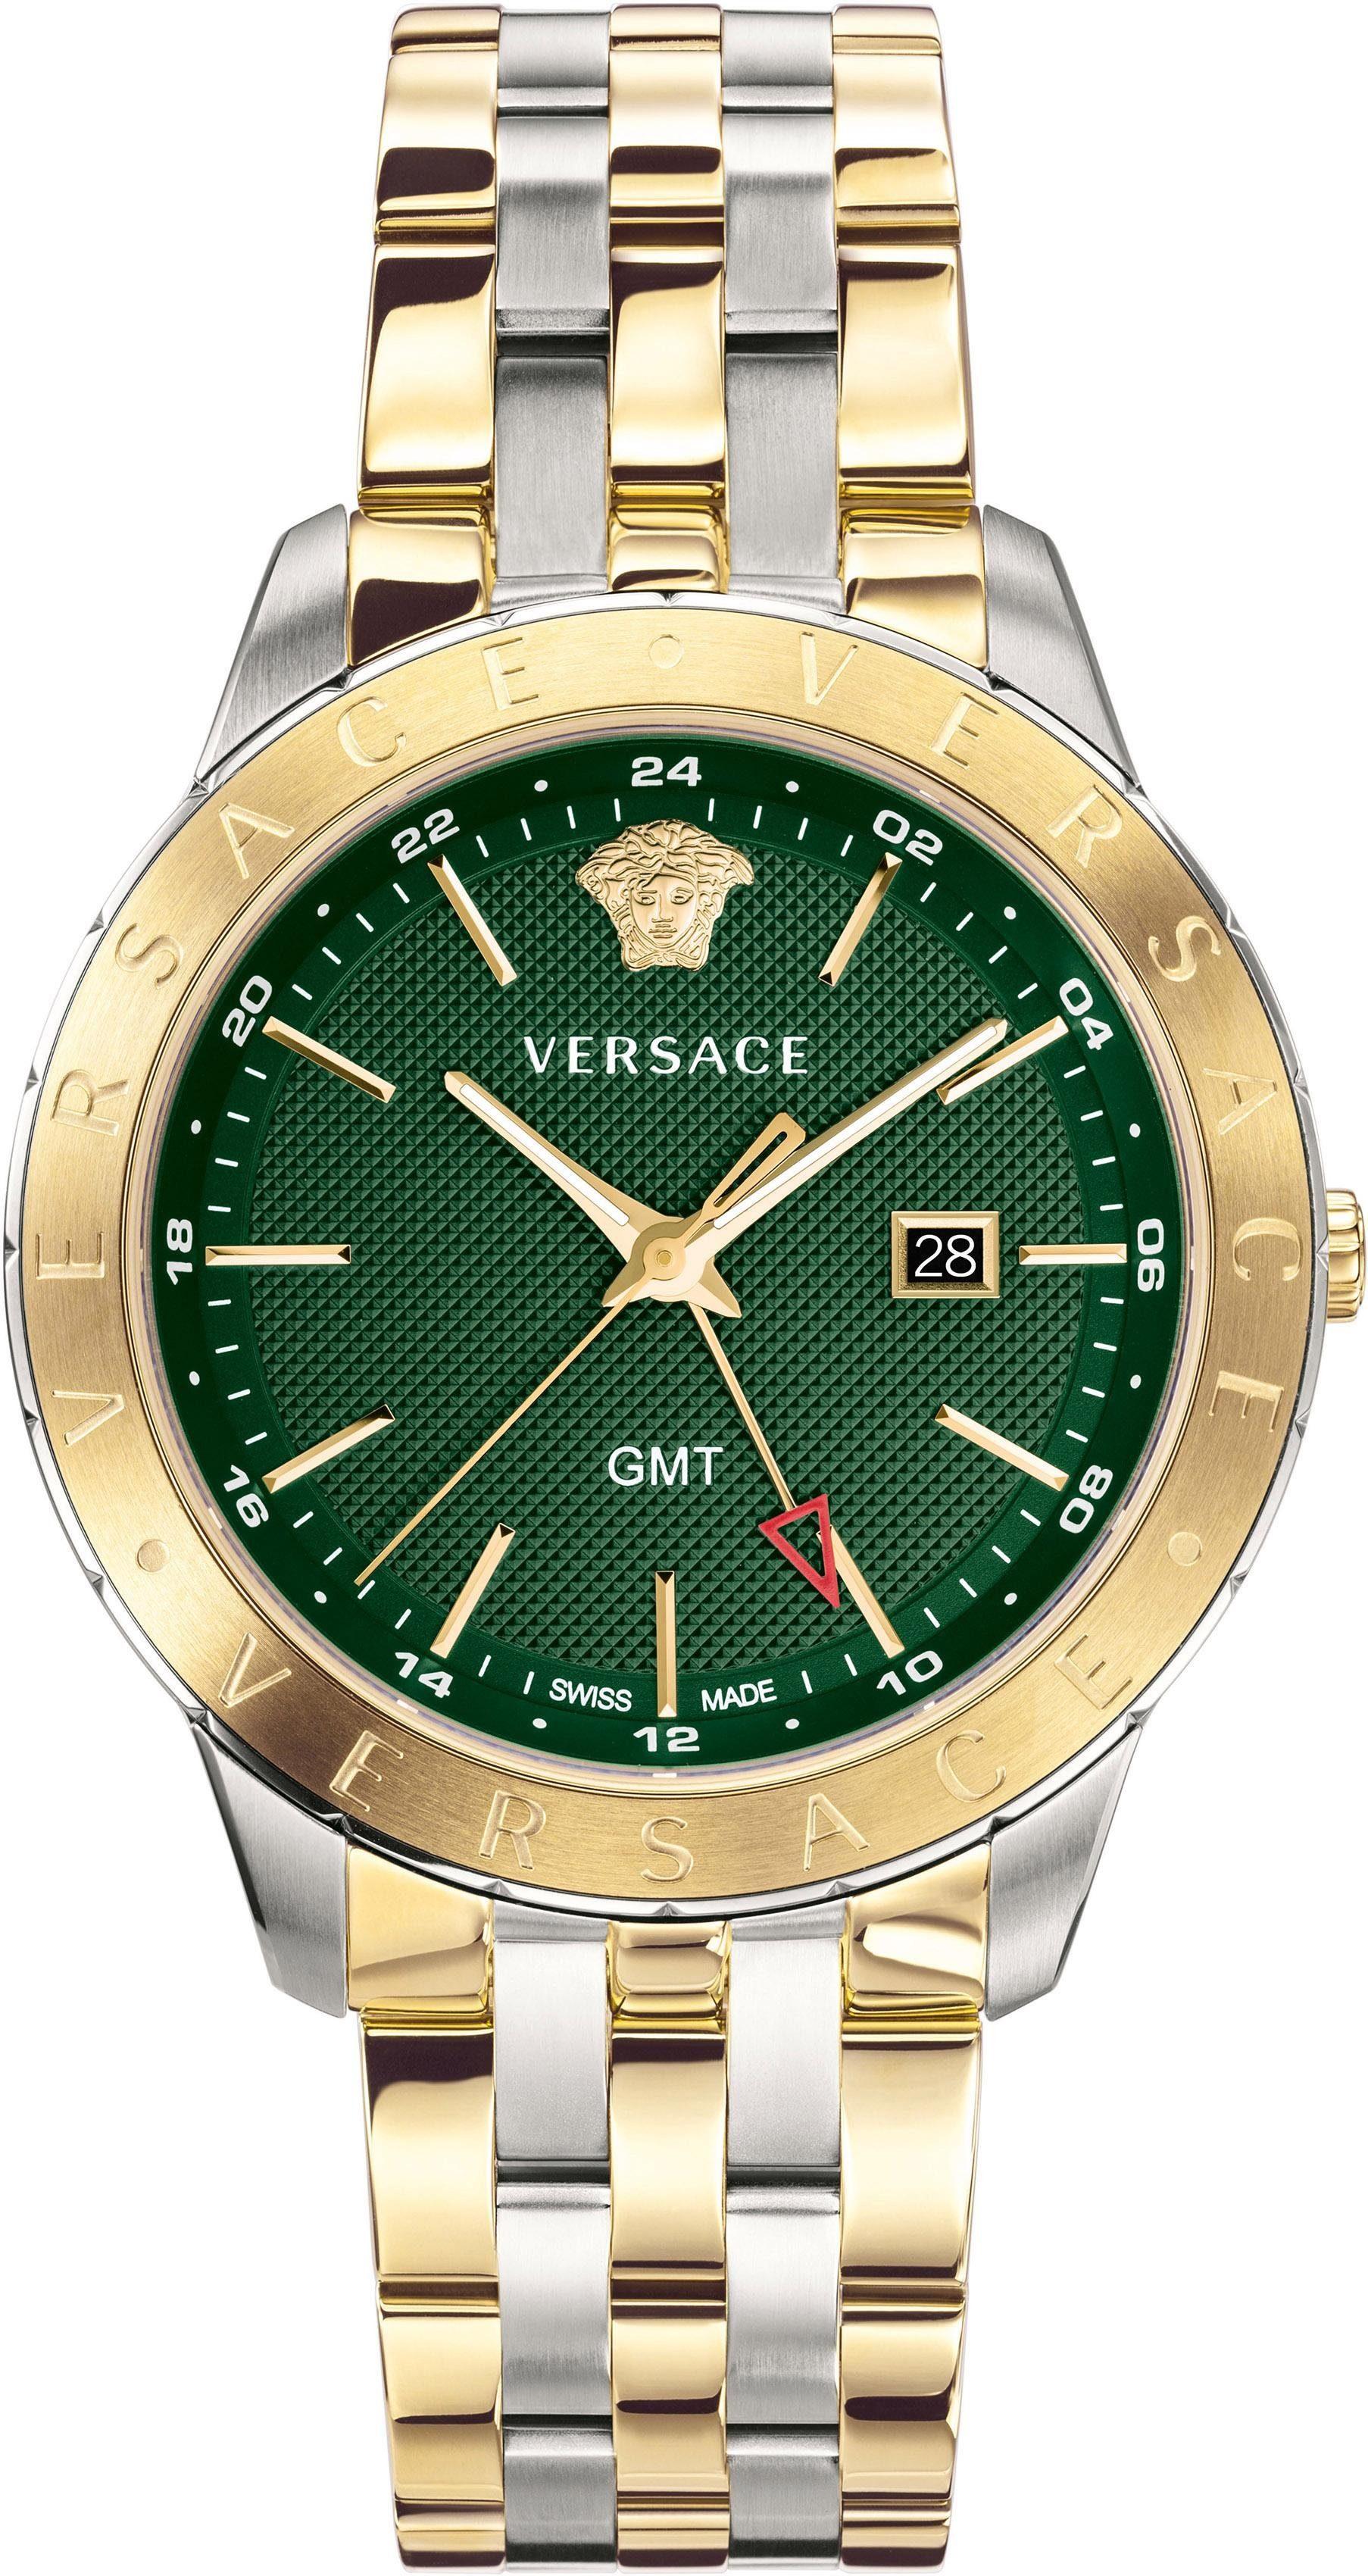 Versace Schweizer Uhr »Univers, VEBK00718« mit GMT